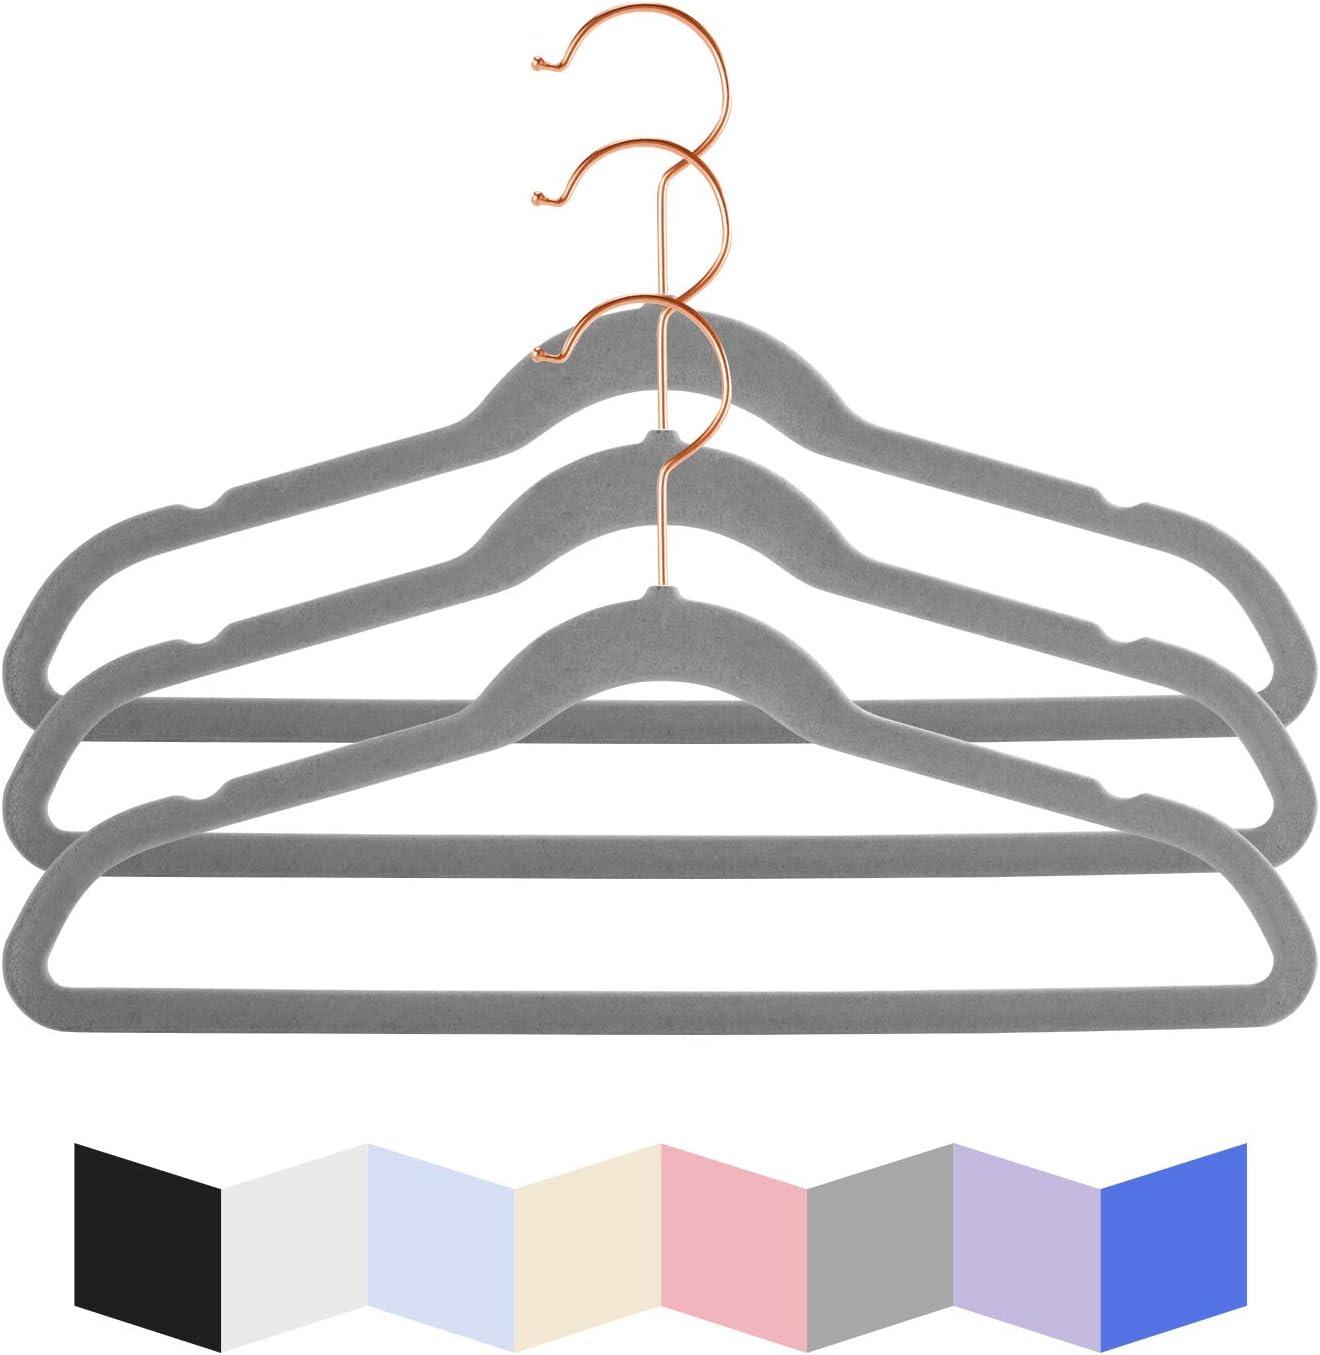 35,6 cm breit rutschfest Kleider platzsparend Grau-01 MIZGI Hochwertige Samt-Kleiderb/ügel f/ür Kinder Hosen Kleiderb/ügel ultrad/ünn f/ür kleine Kinder R/öcke mit Kupfer-//Rotgold-Haken